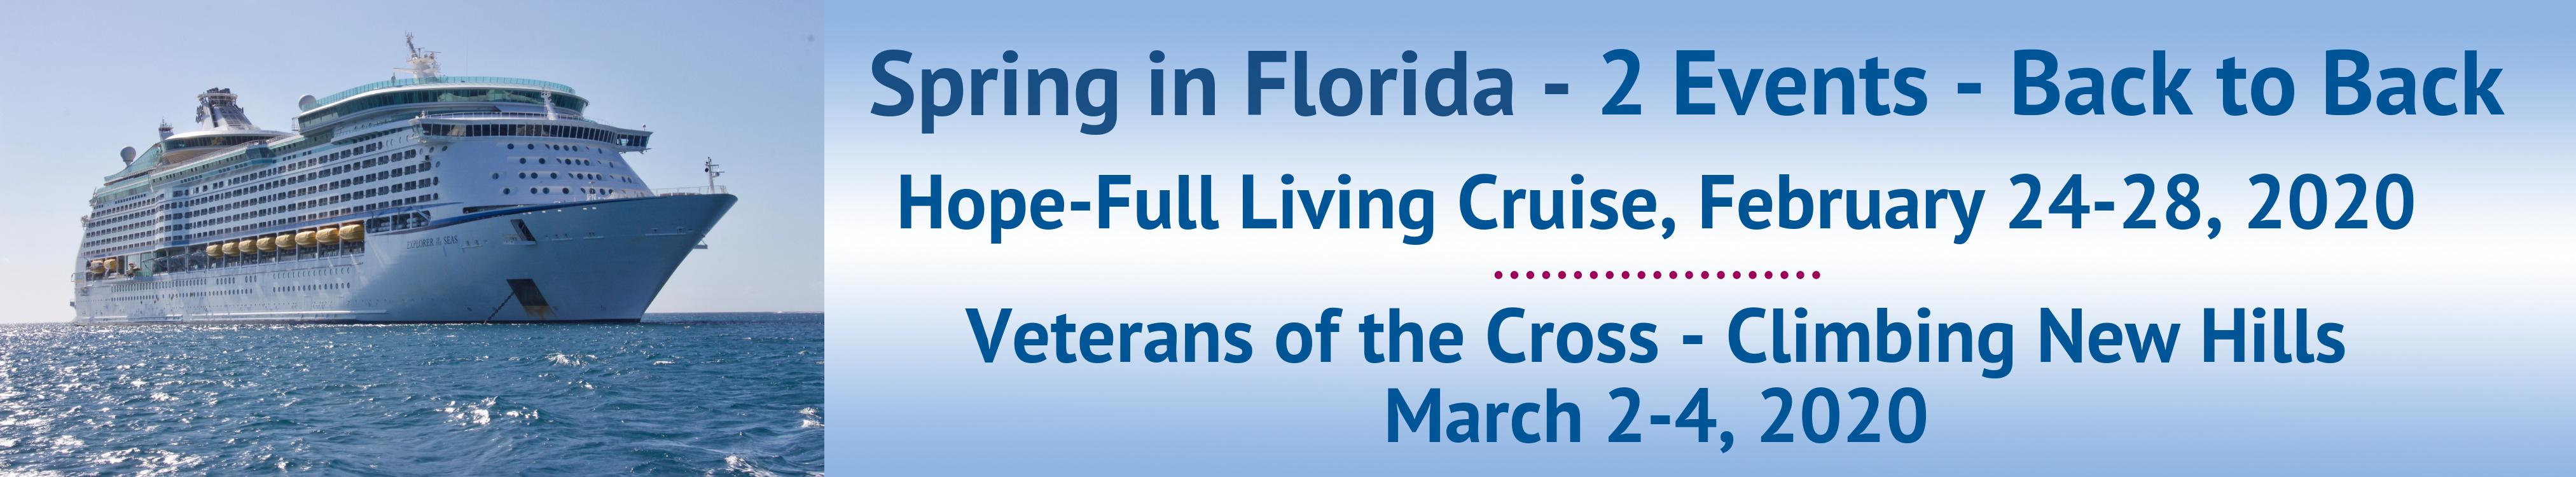 Hope-Full Living Cruise and Veterans of the Cross